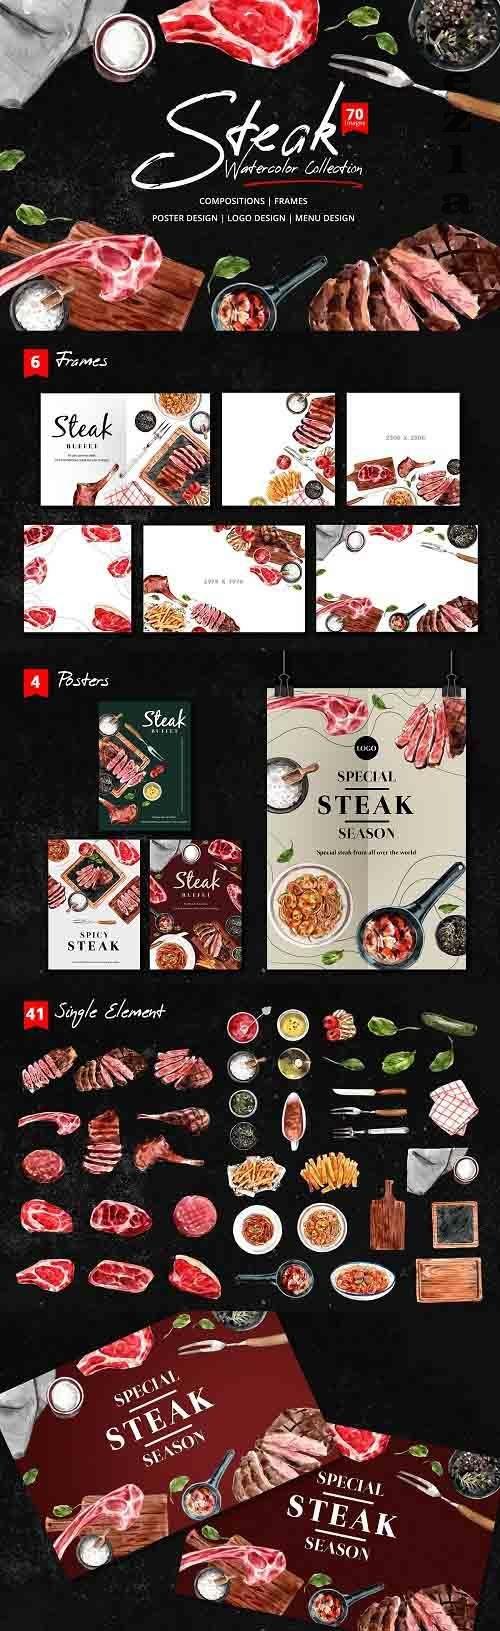 Steak Food Dinner Watercolor - 5671586